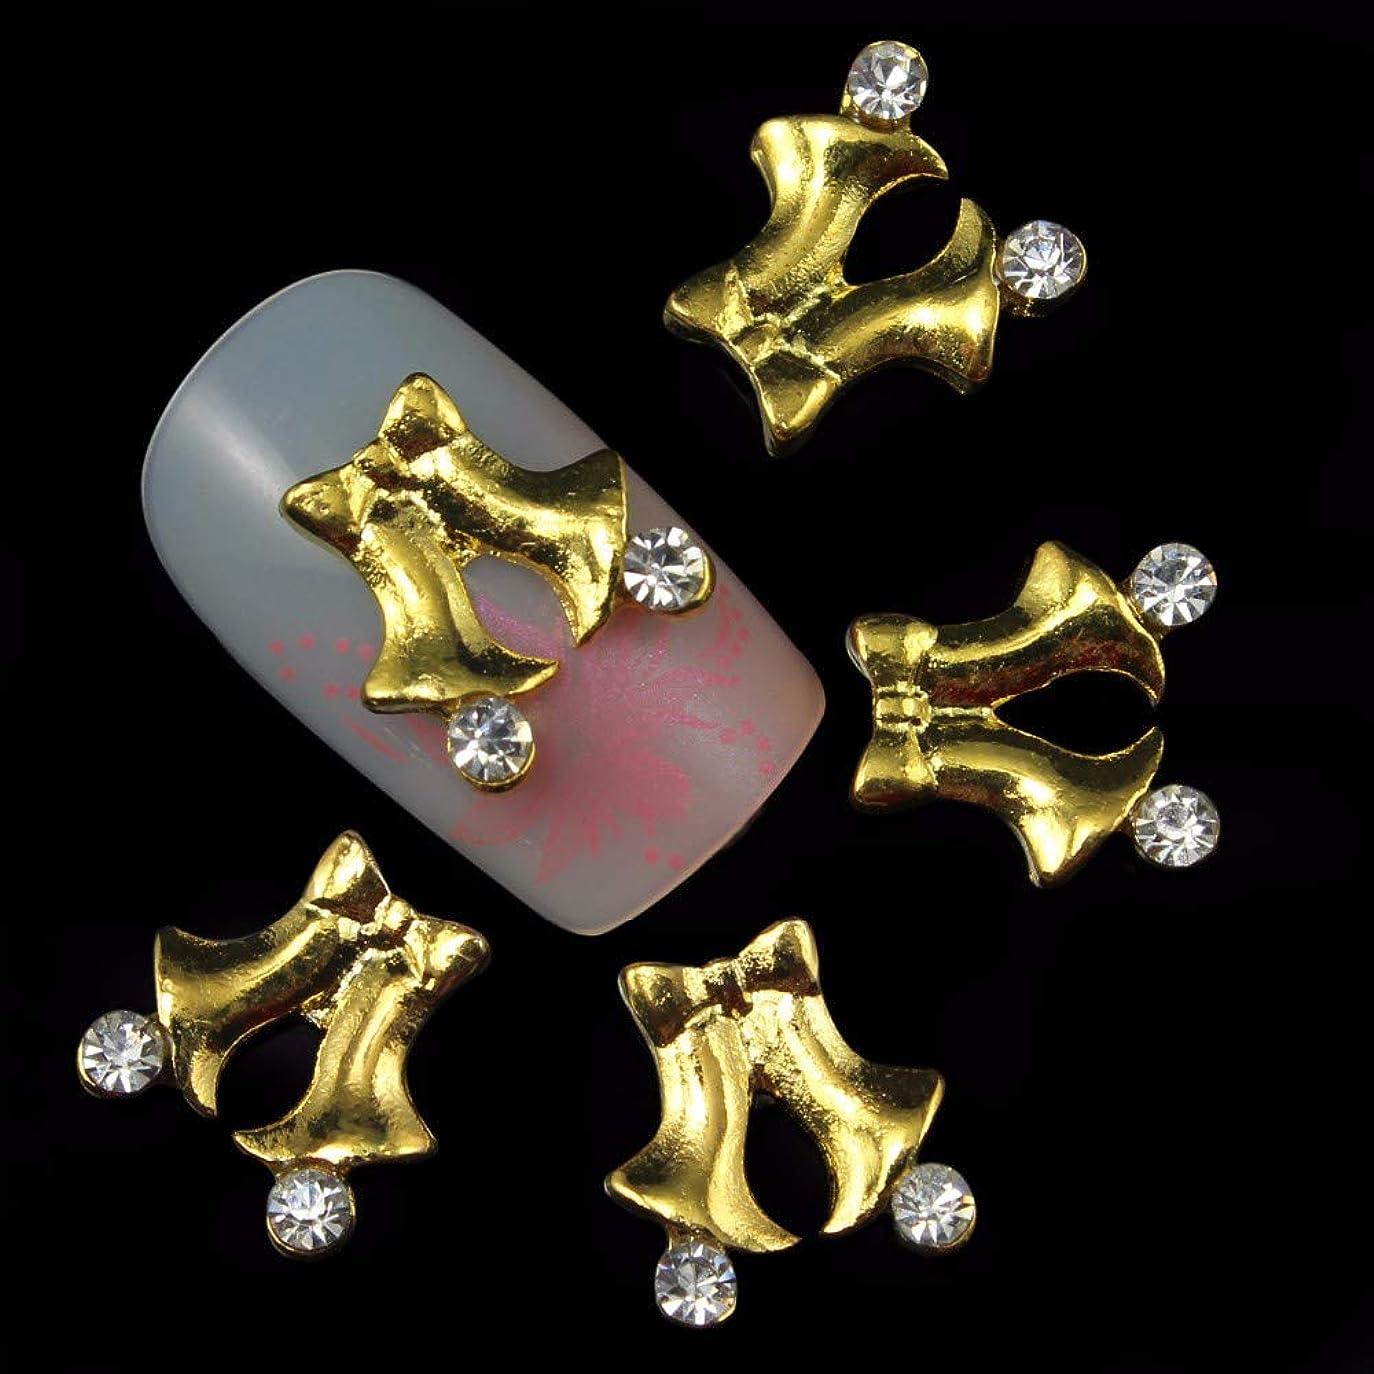 月曜日メーカー許さない10個入りの3Dゴールドチャームネイルズクリスマスボウノット合金のデザインDIYネイルアートの装飾ラインストーンスタッド用グリッターラインストーン